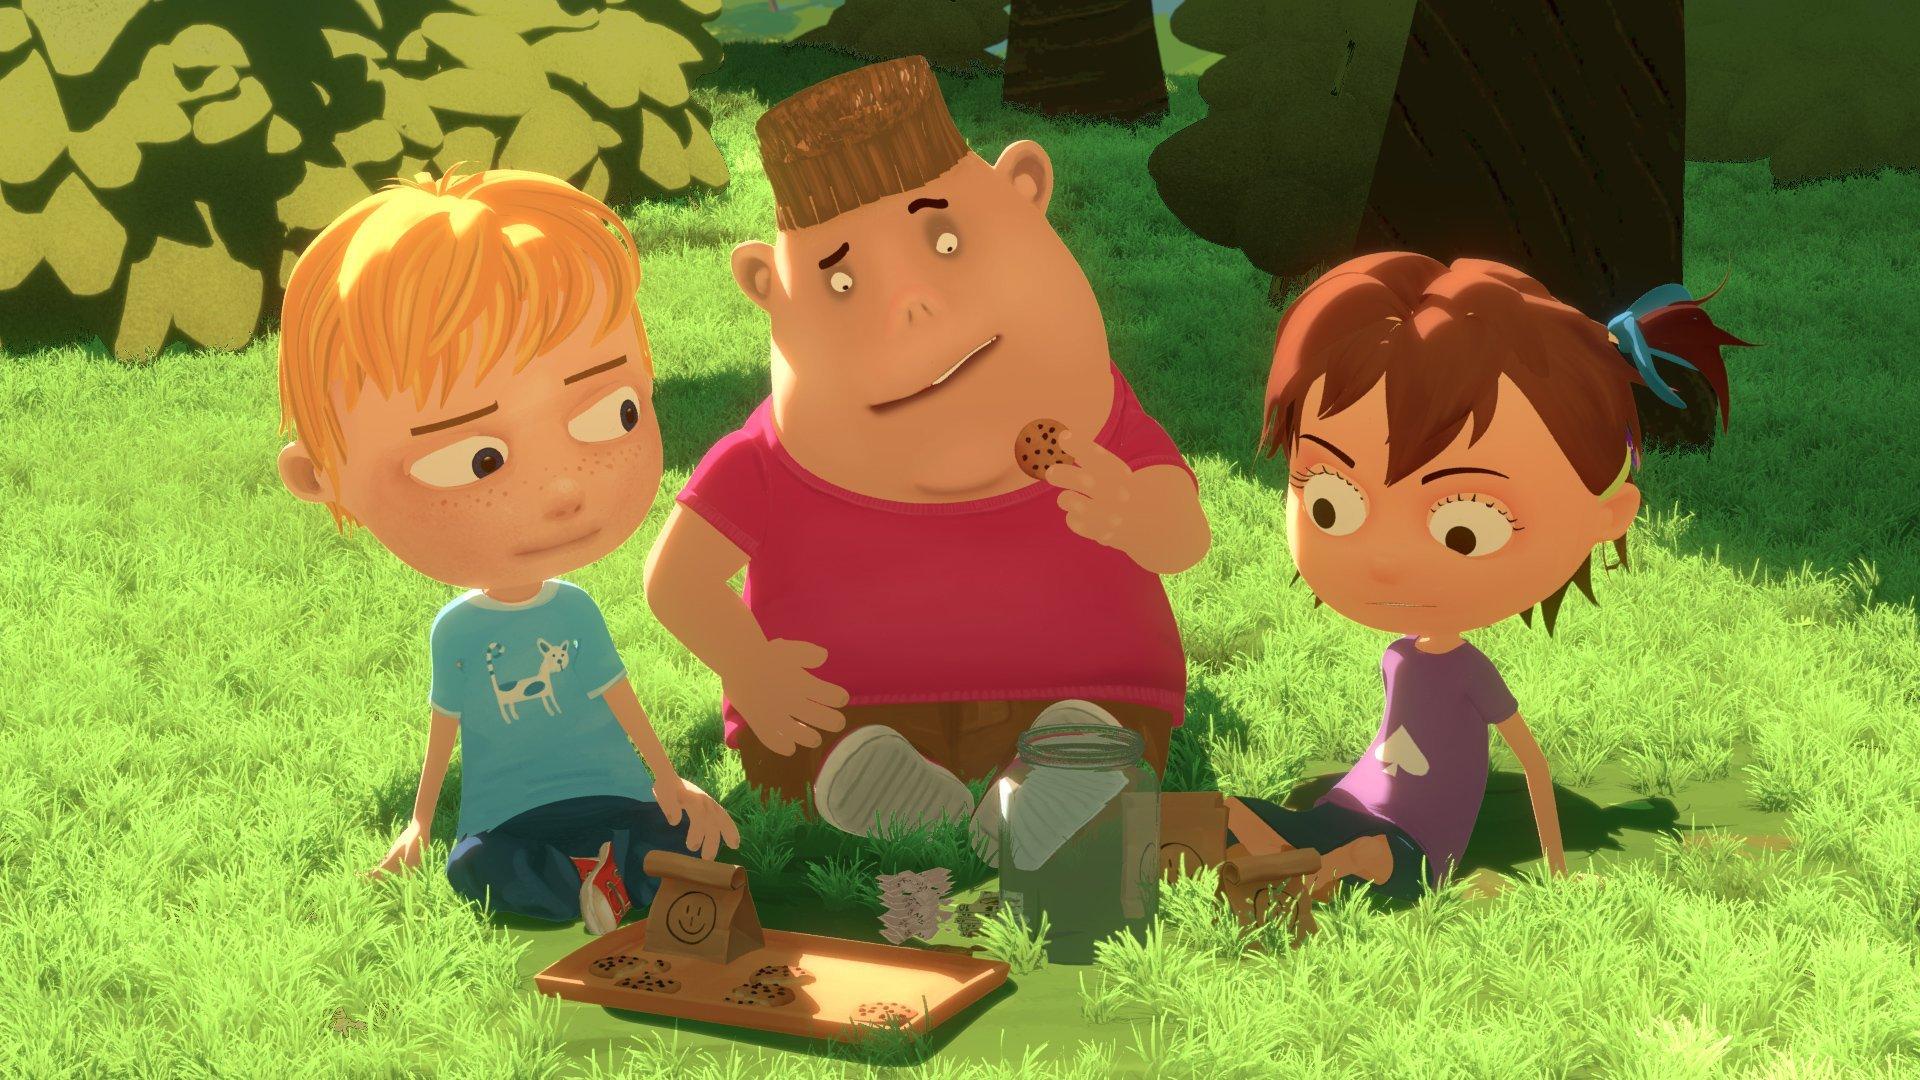 Mała Kika - filmowe spotkania dla dzieci w kwietniu